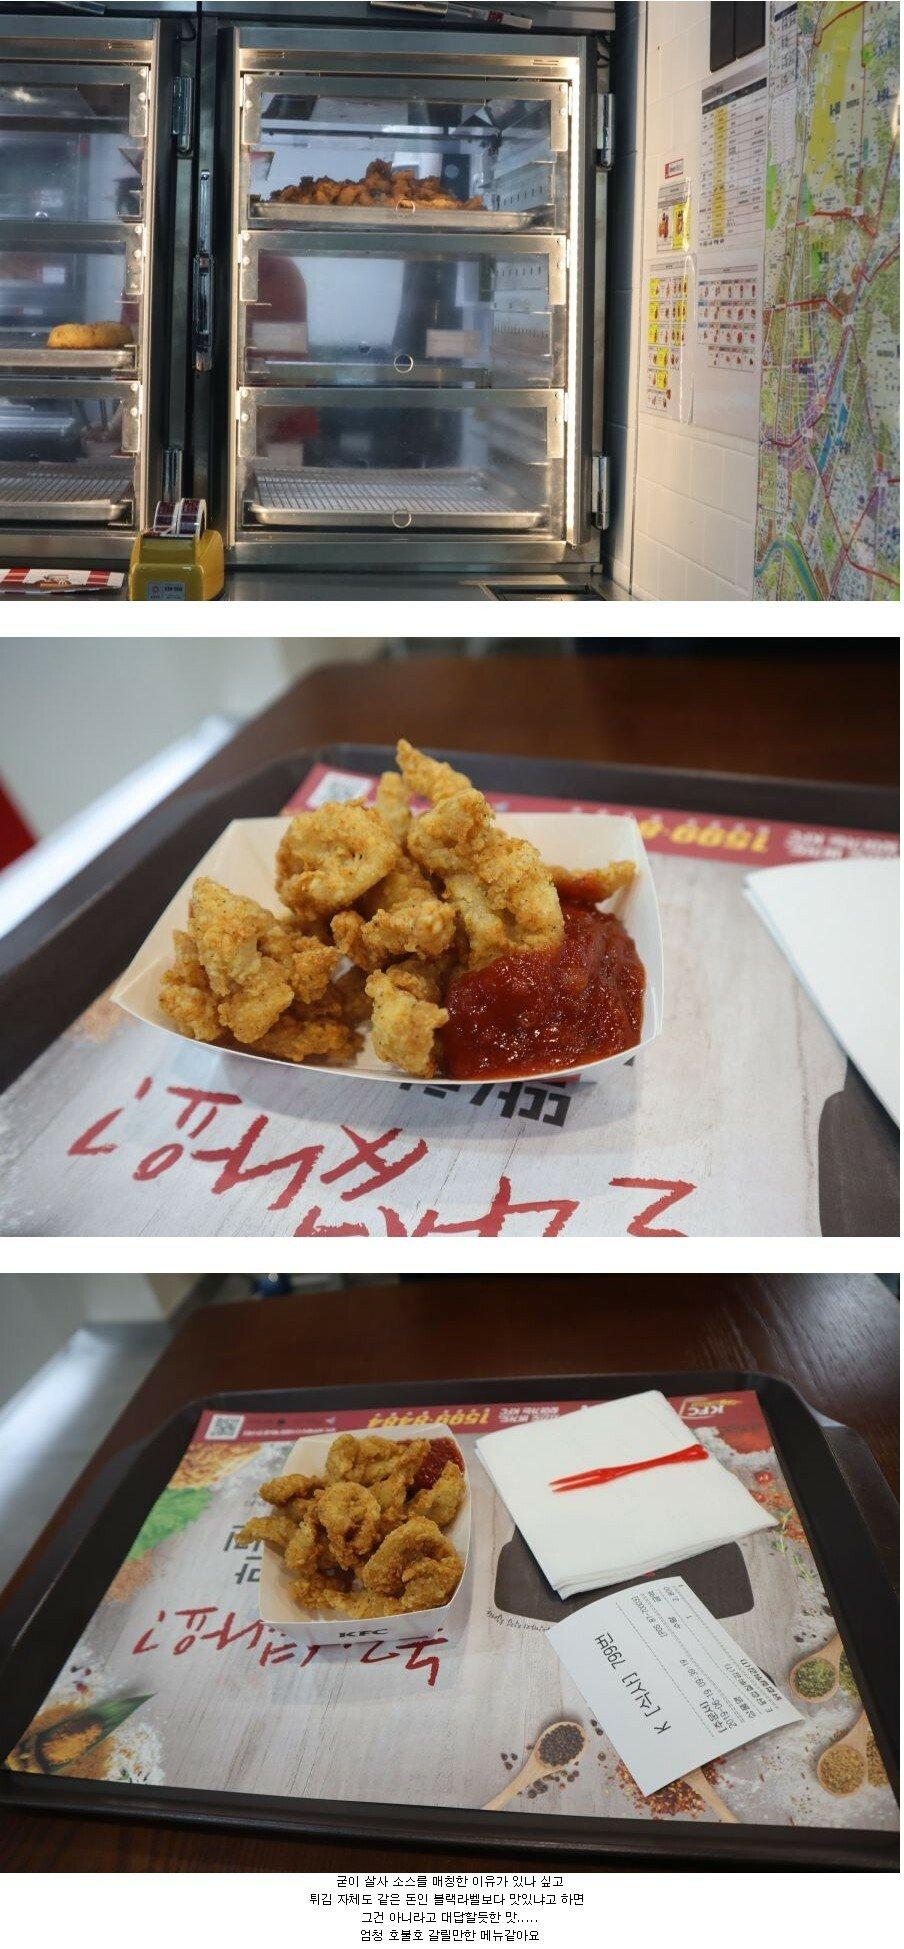 Screenshot 2019-06-19 at 11.14.58.jpg kfc 닭껍질튀김 실물샷 & 후기.jpg